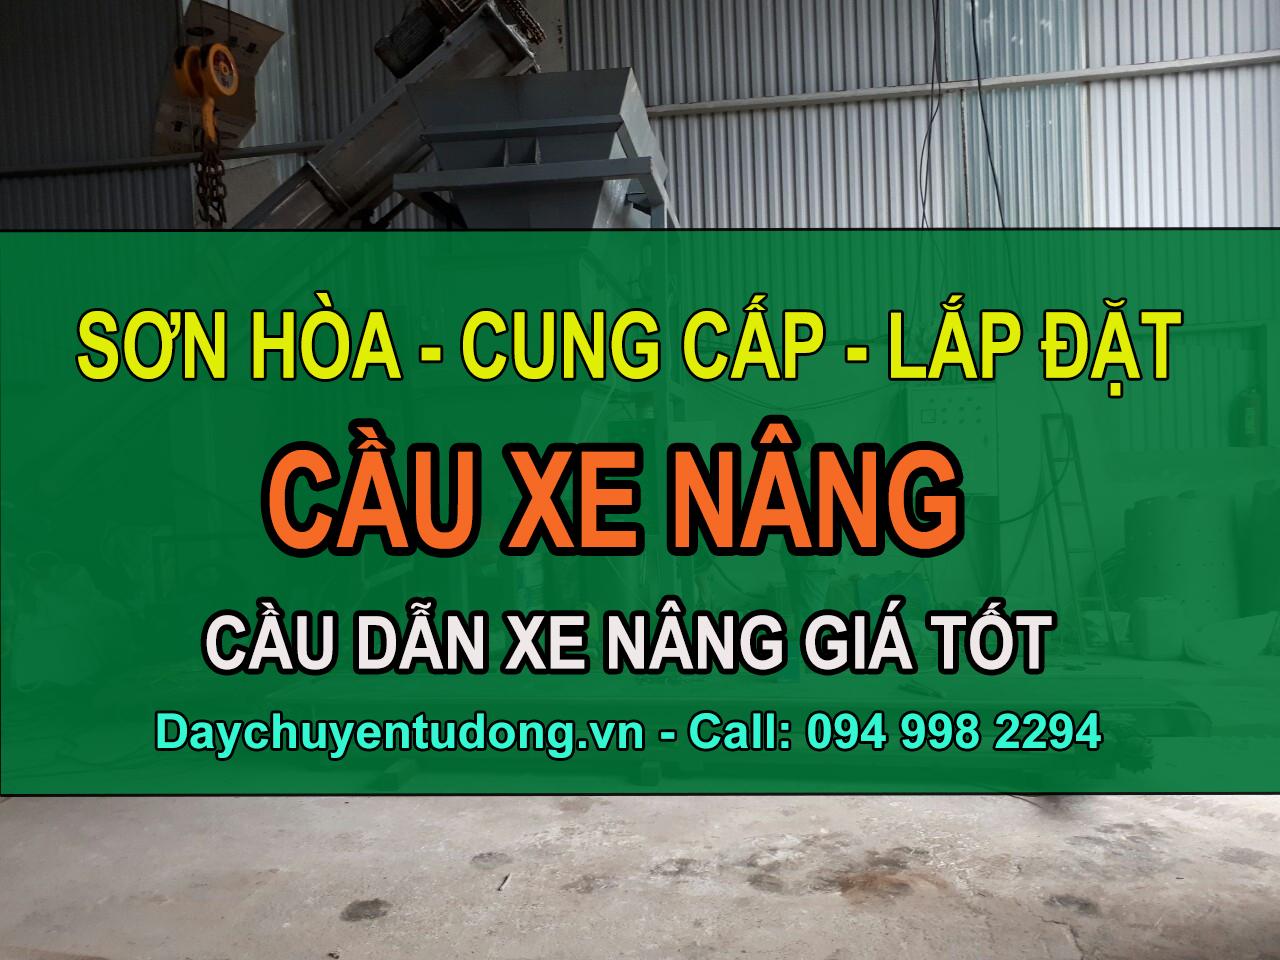 Sơn Hòa cung cấp lắp đặt cầu xe nâng 8 tấn toàn quốc